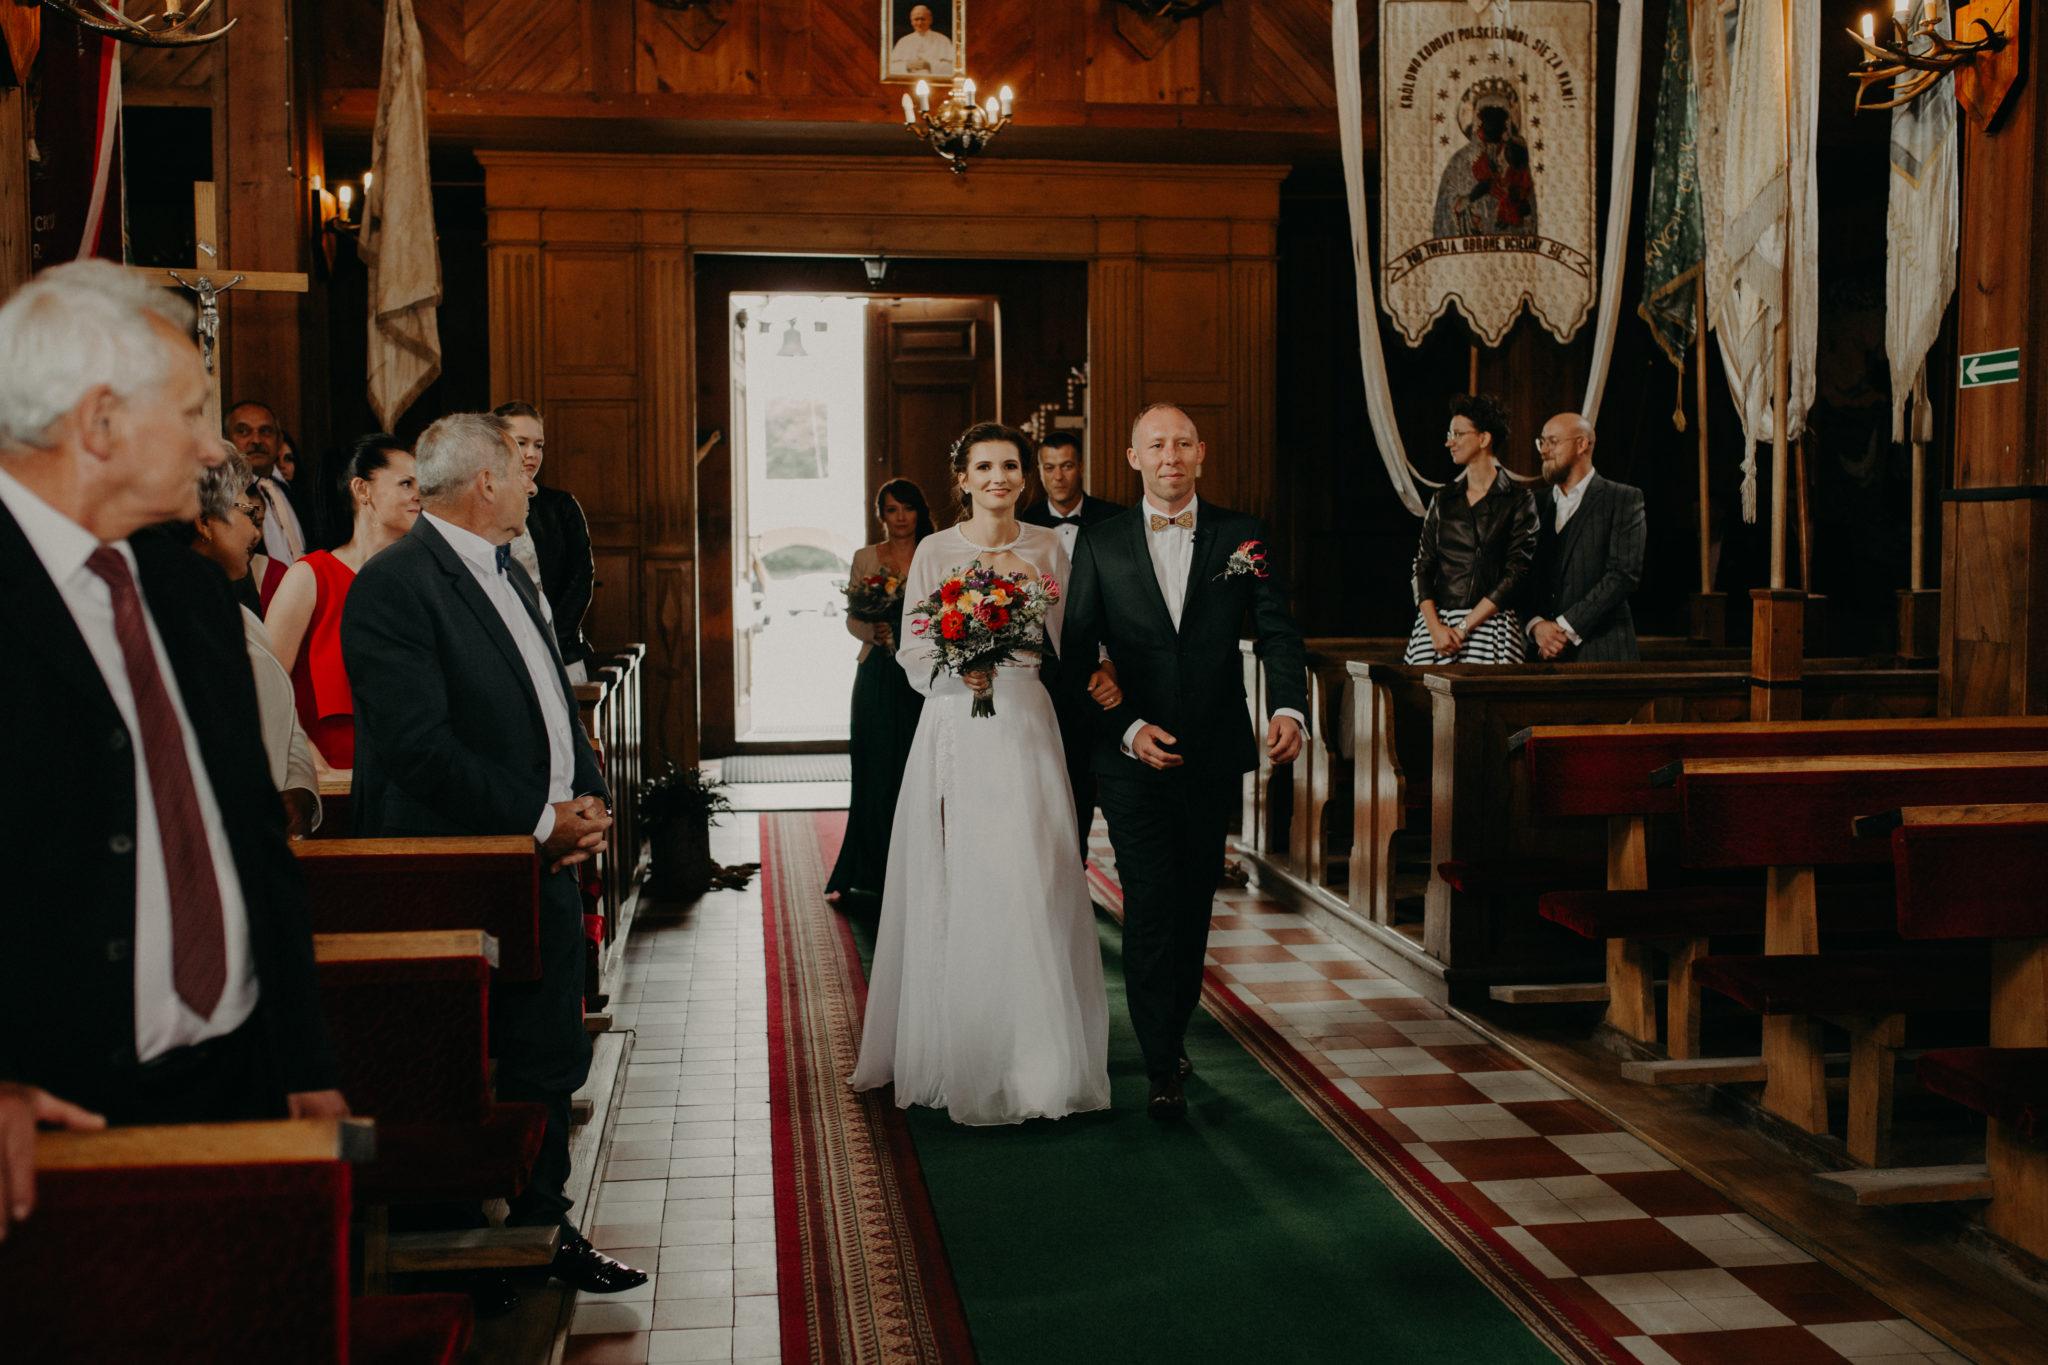 gosia i kuba45 1 - fotografiagk Fotografia ślubna RK wedding